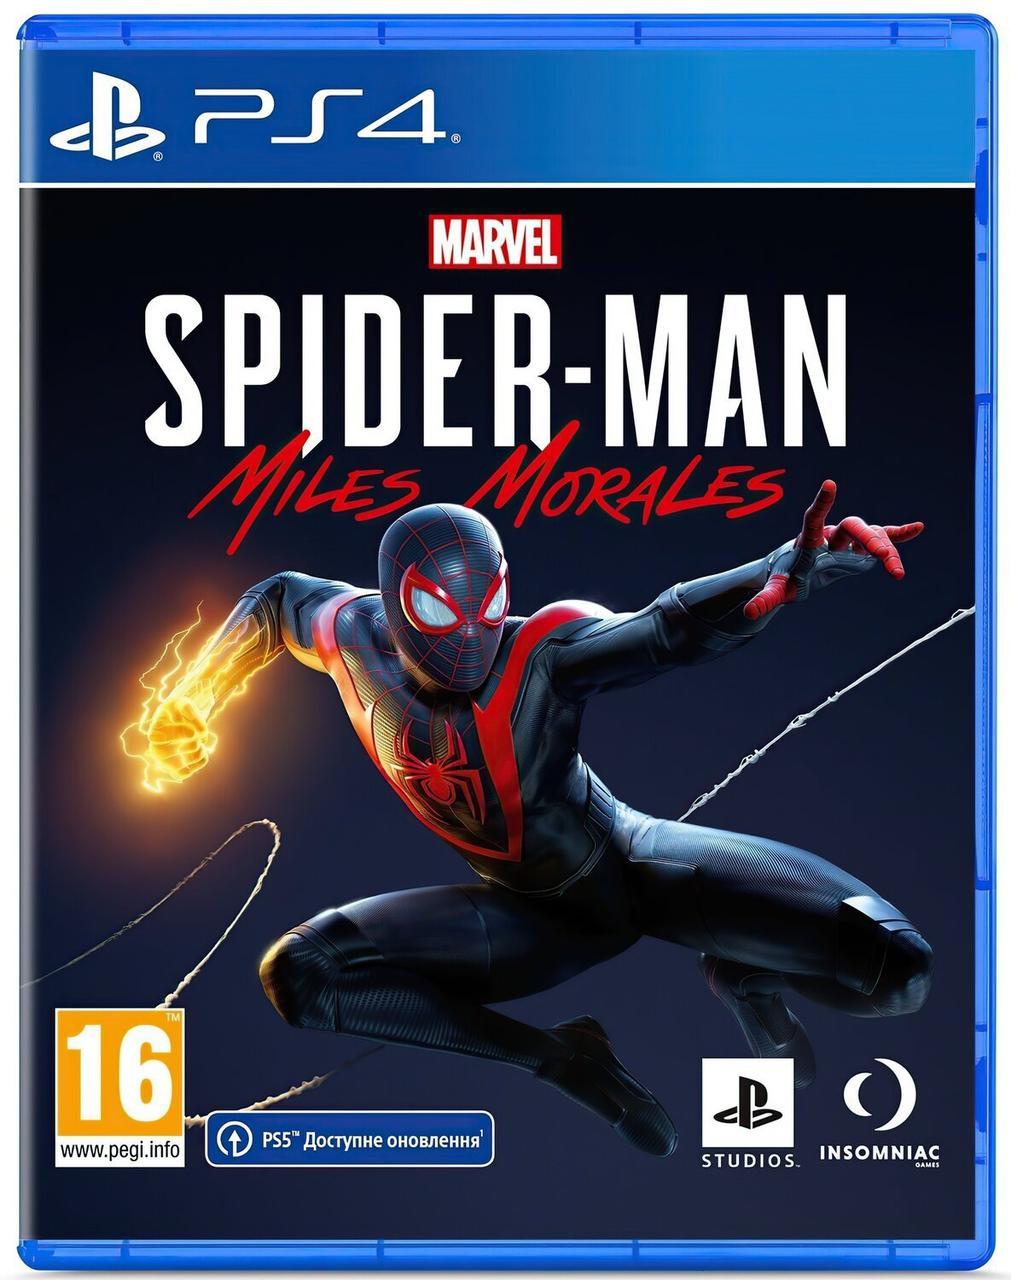 Игра Marvel Spider-Man: Miles Morales (PS4, Русская версия)